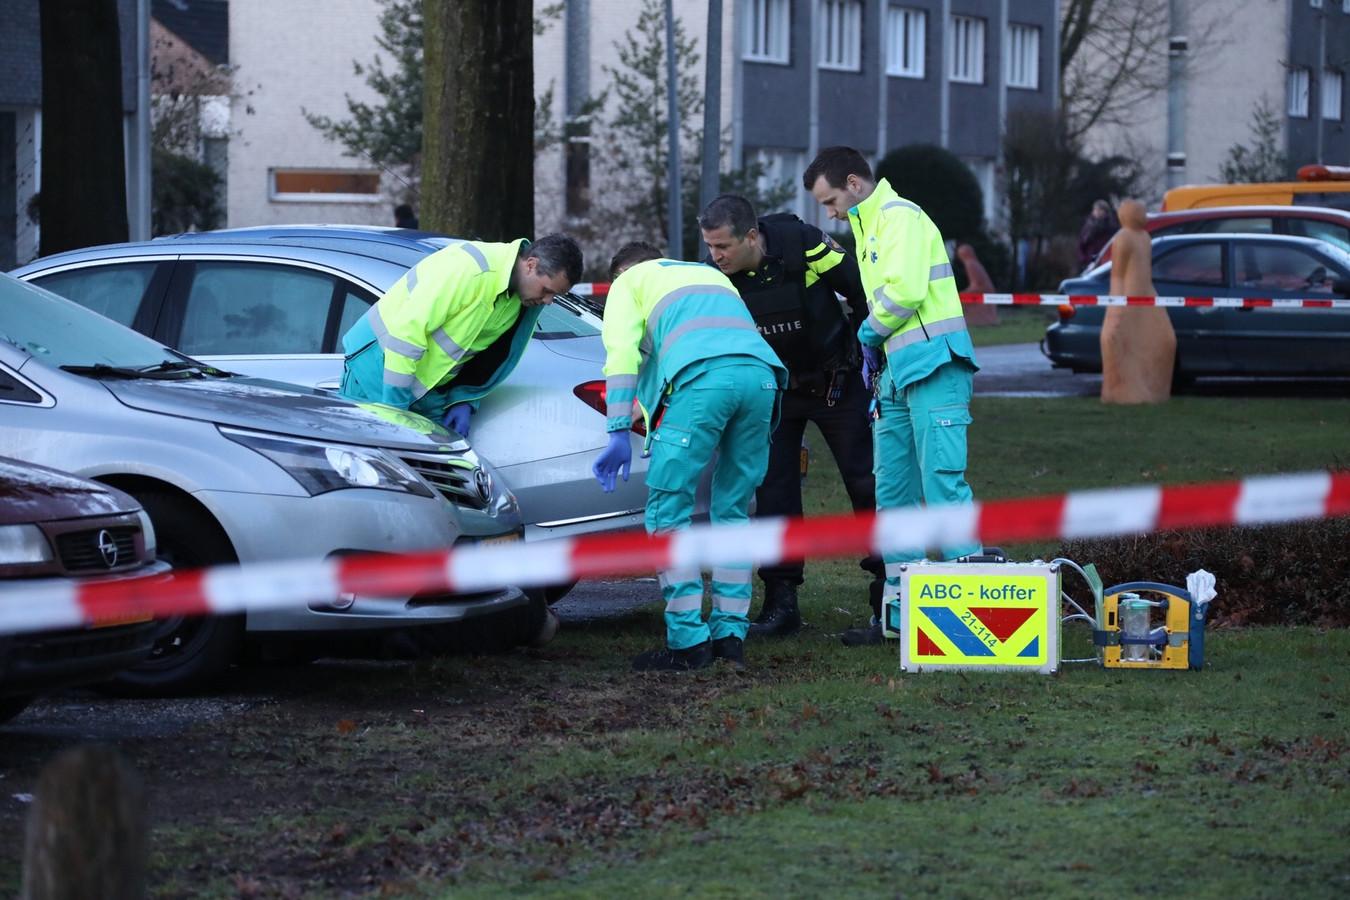 Hulpverleners op de locatie waar de schietpartij heeft plaatsgevonden.